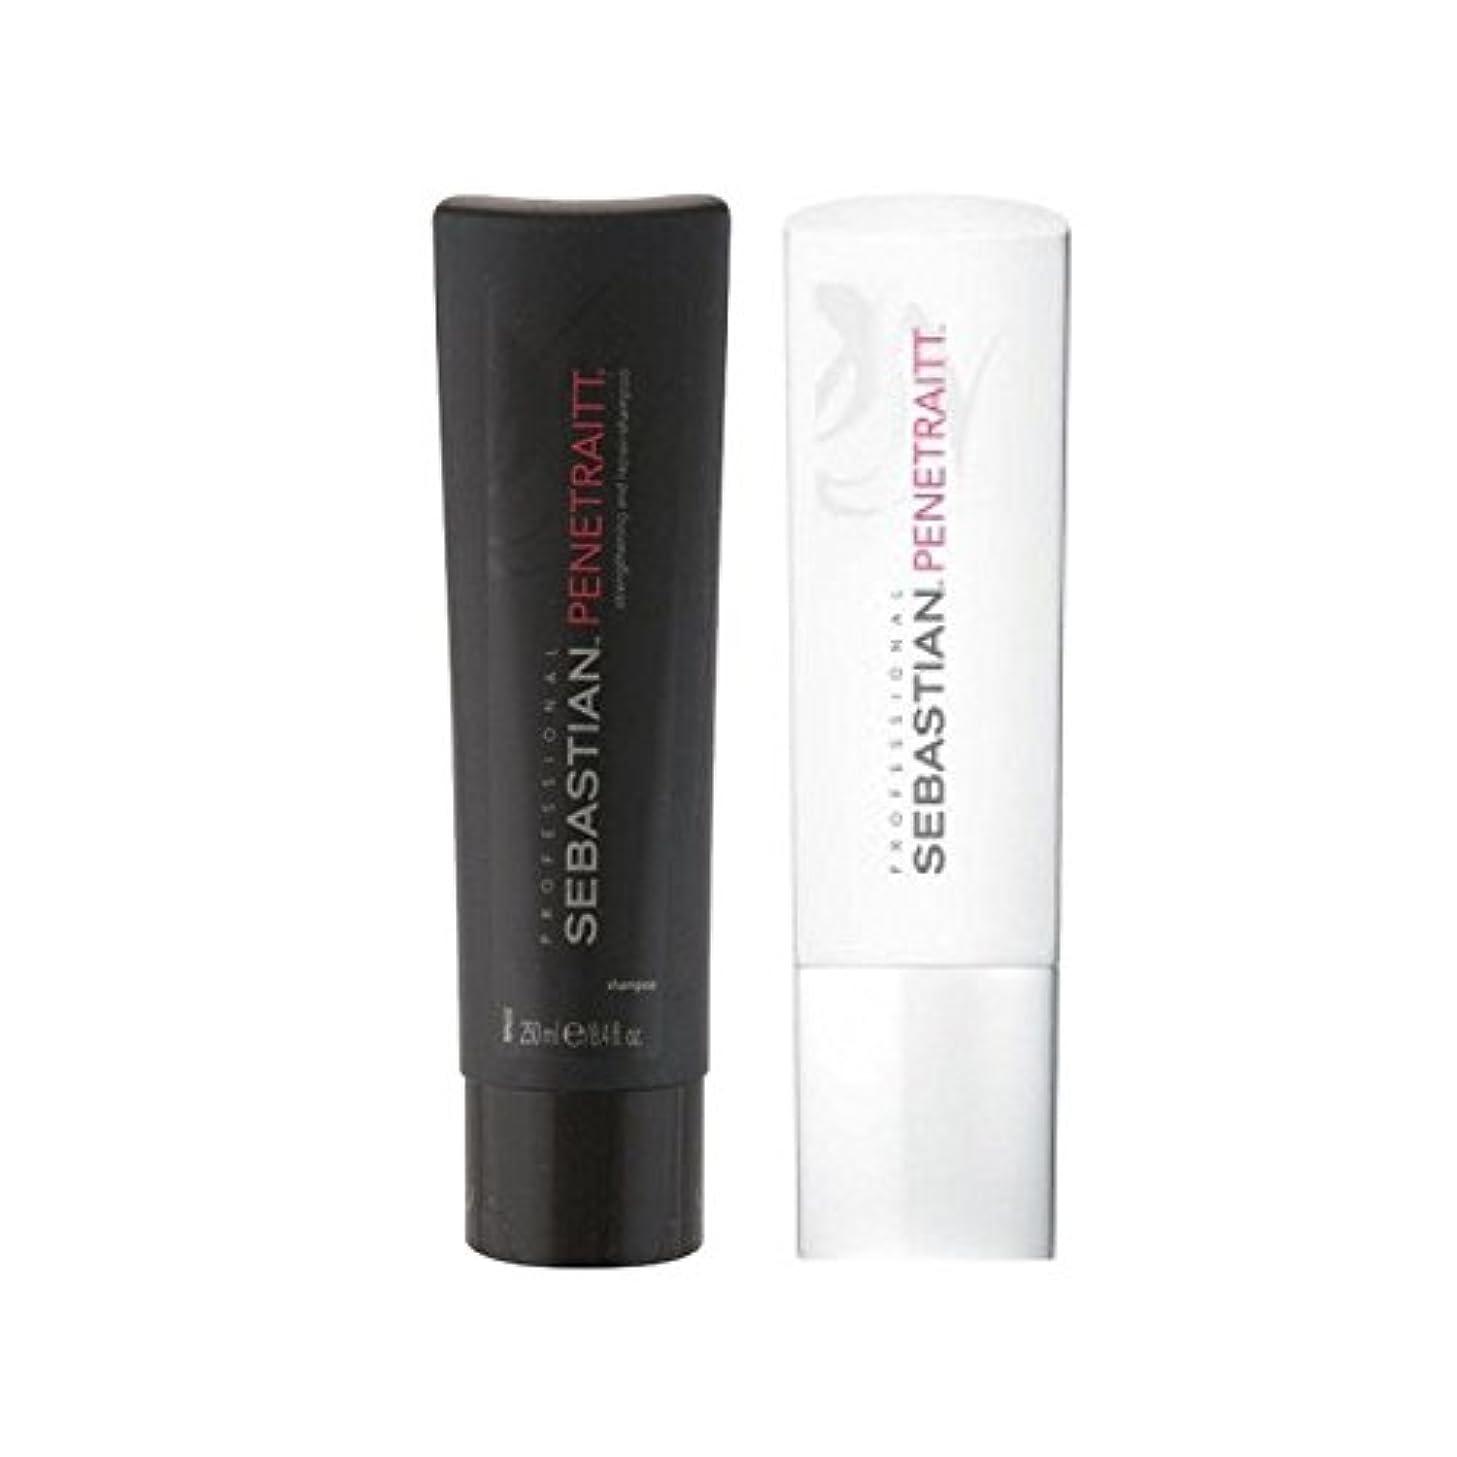 ご注意挑発する壁紙Sebastian Professional Penetraitt Duo - Shampoo & Conditioner (Pack of 6) - セバスチャンプロデュオ - シャンプー&コンディショナー x6 [並行輸入品]